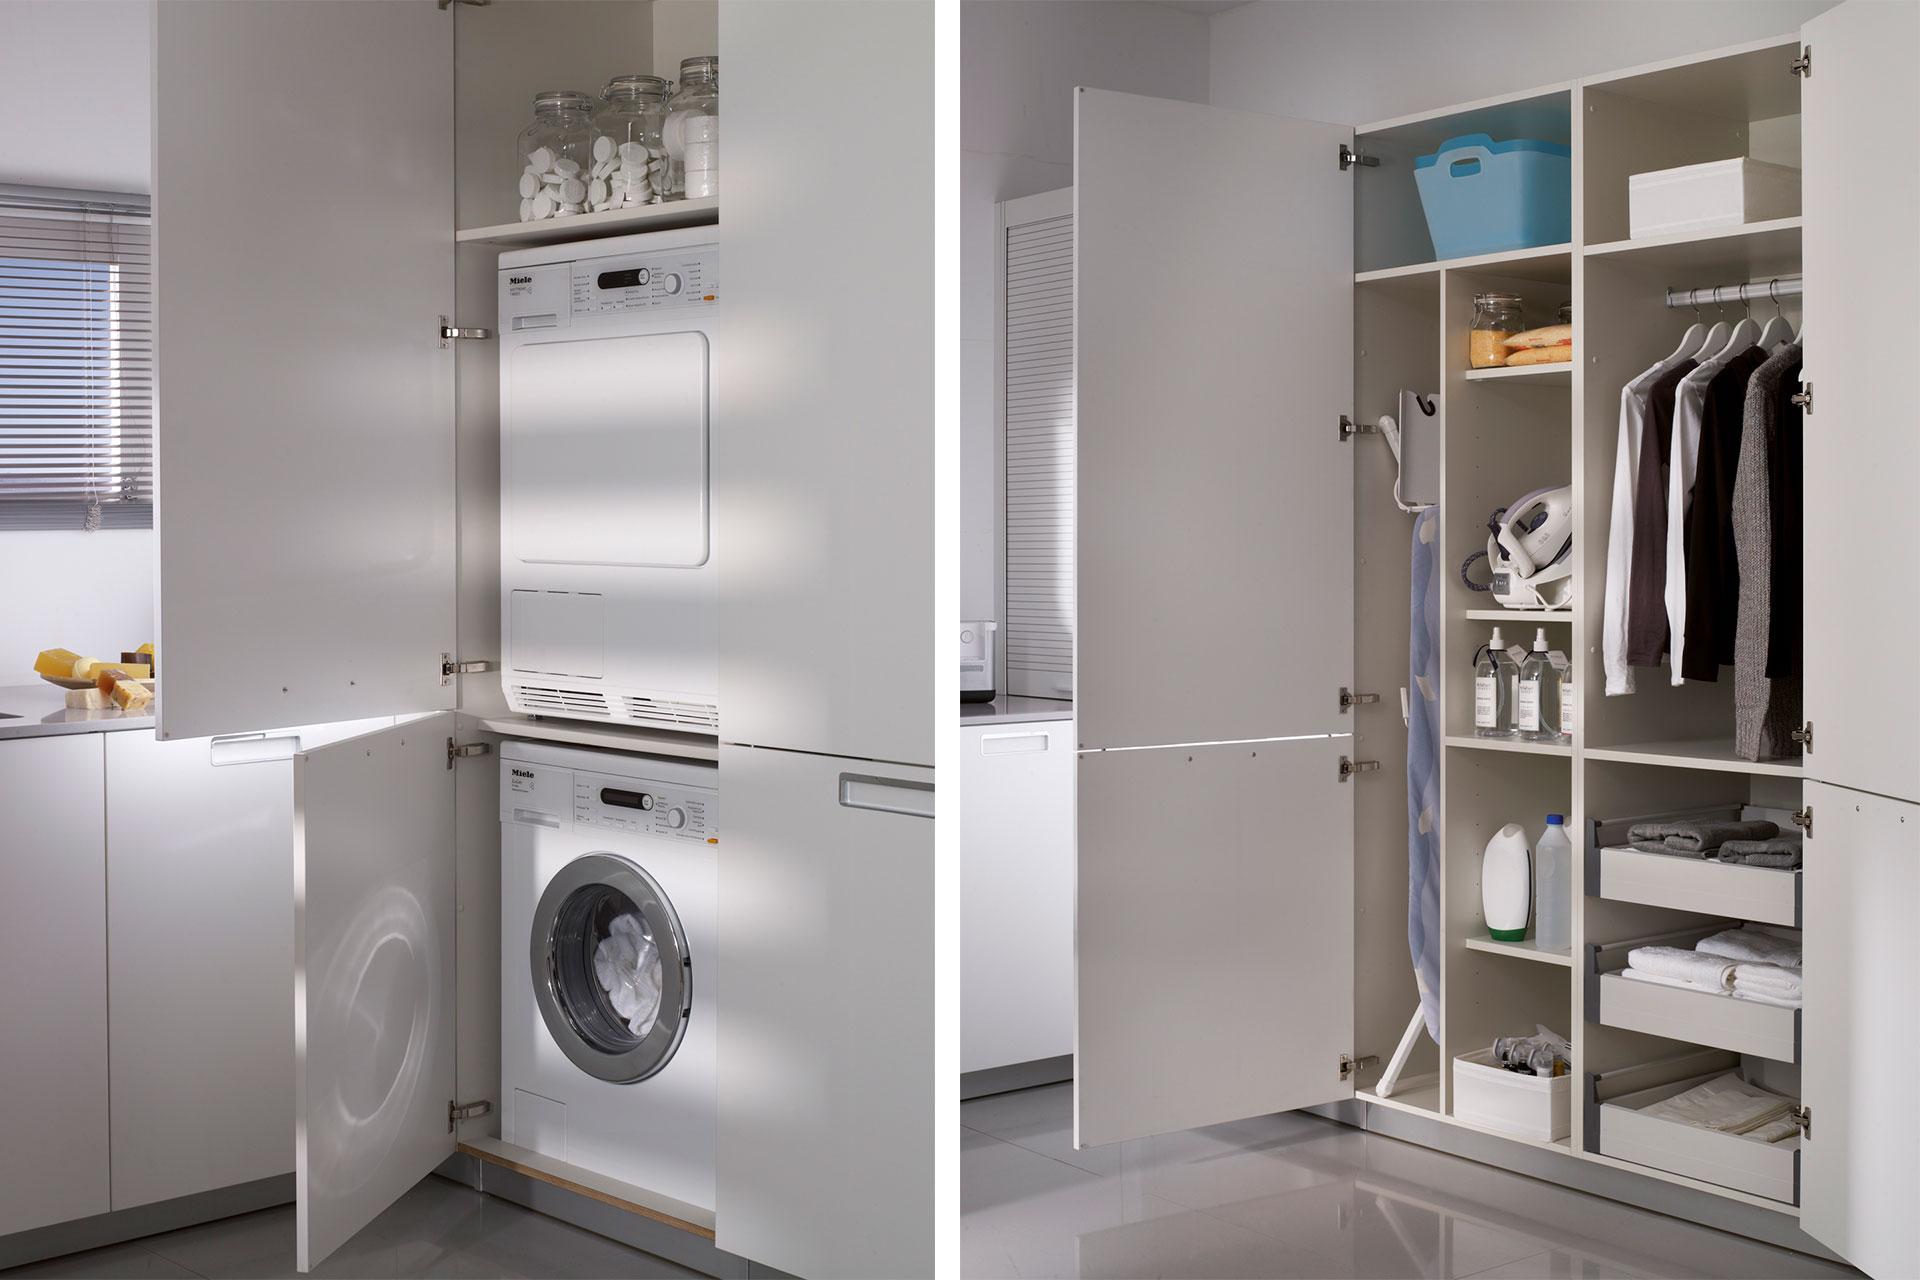 Cómo aprovechar el espacio en la zona de lavandería | Cocinas Santos | Santiago Interiores